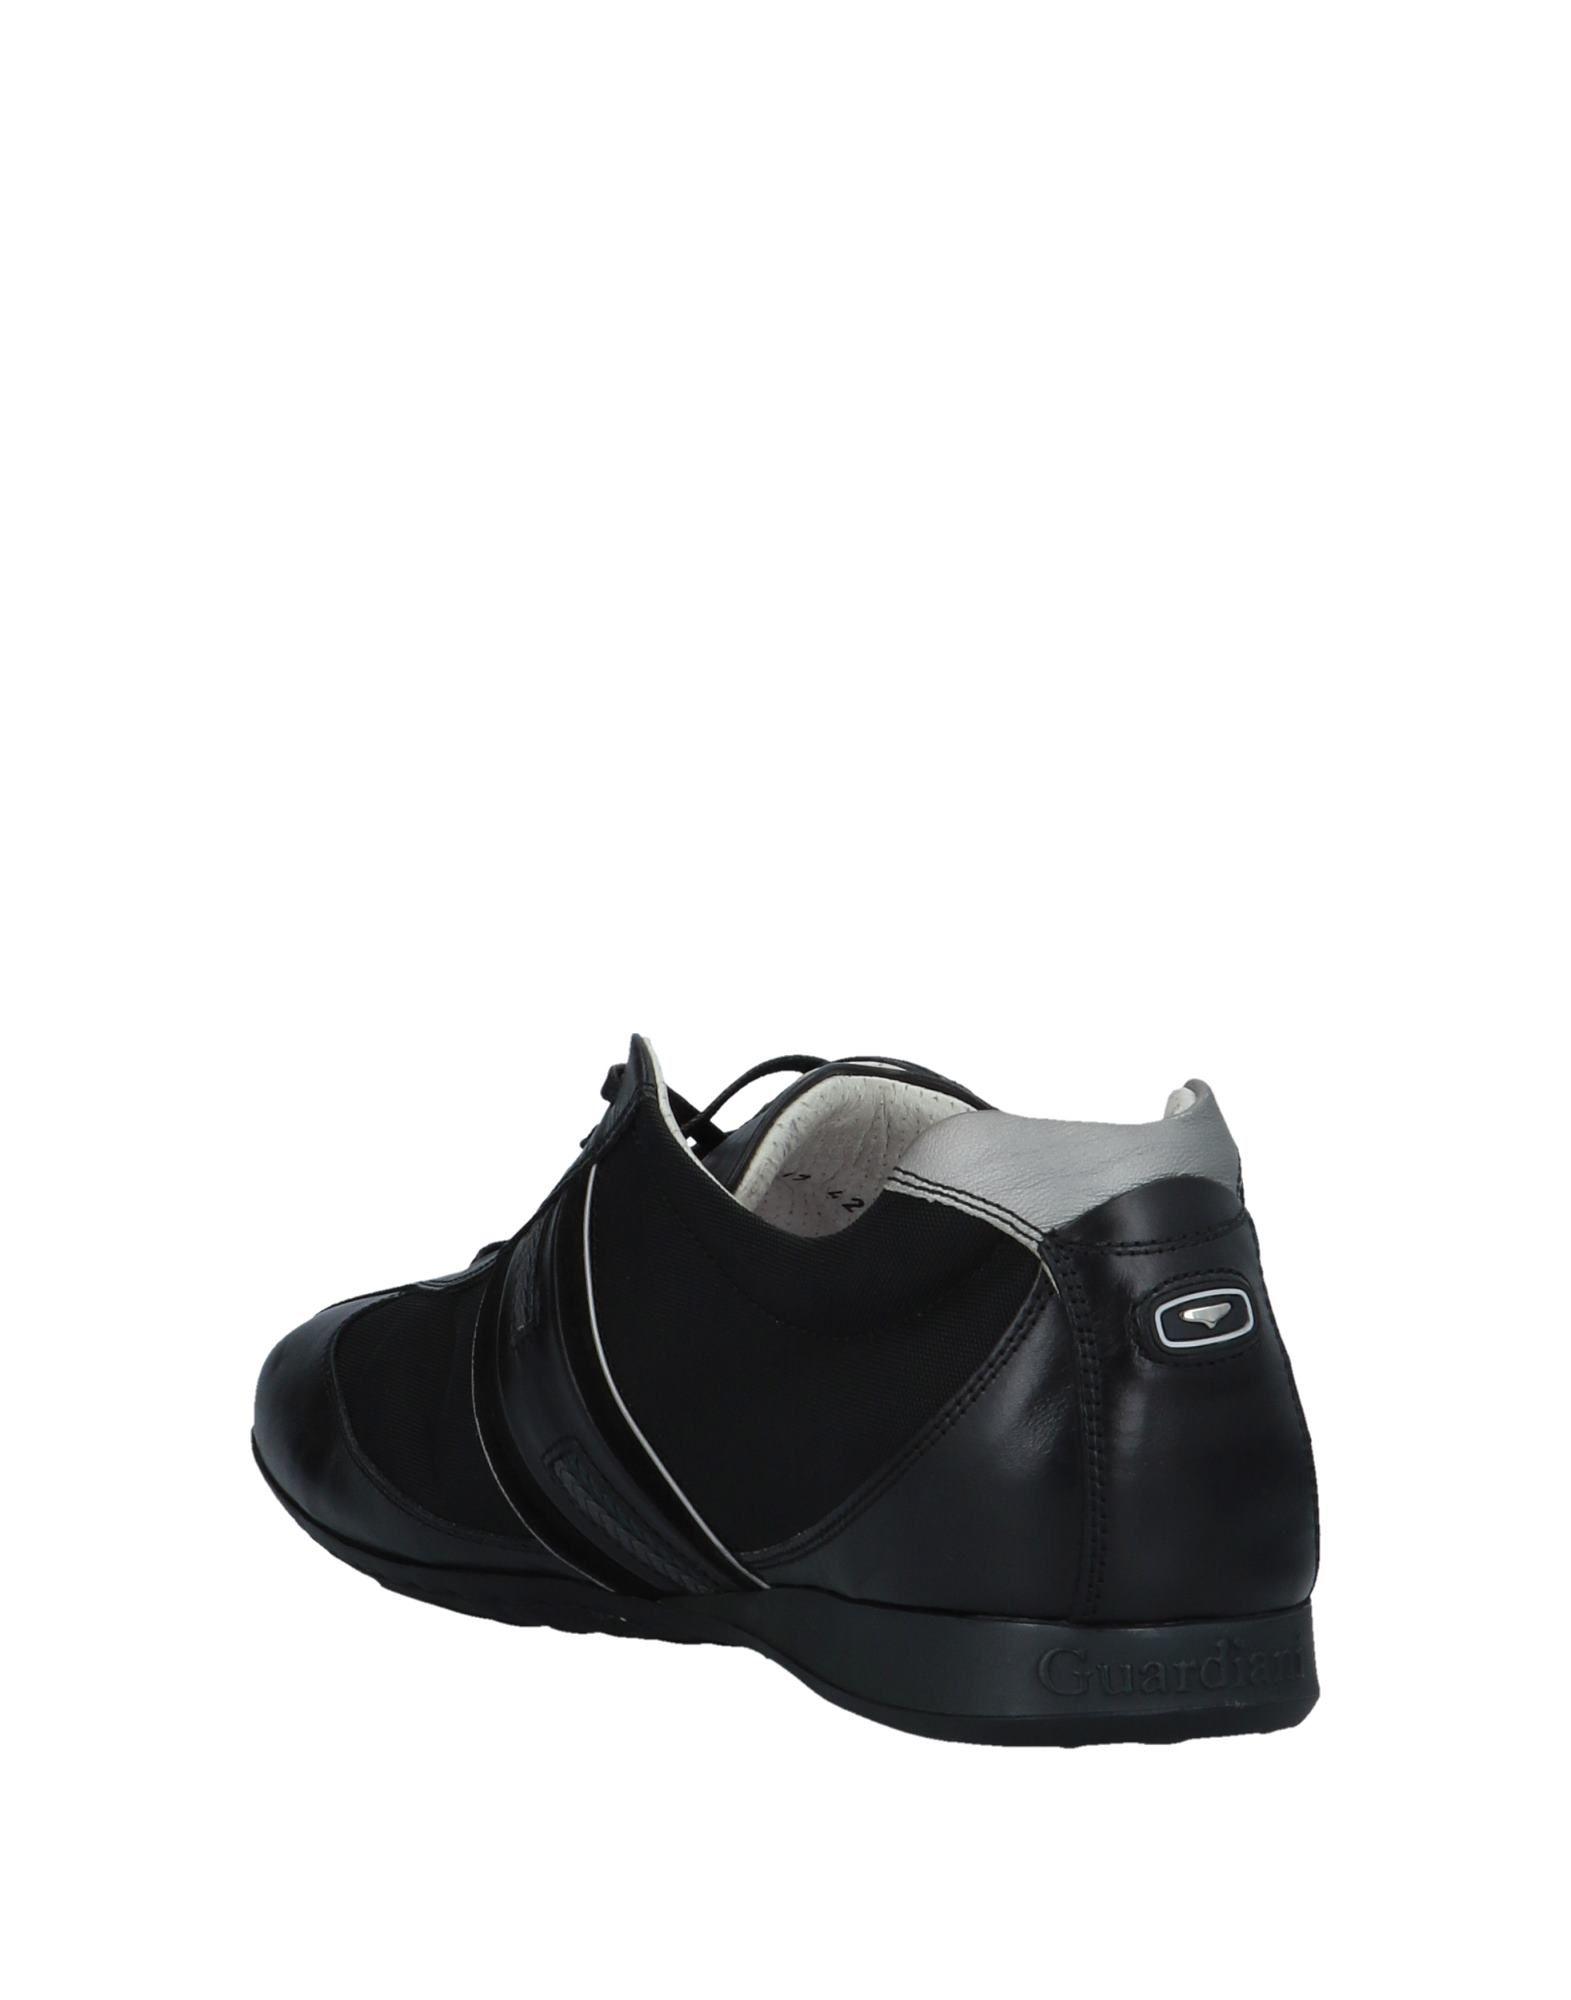 Alberto Herren Guardiani Sneakers Herren Alberto  11509506OQ 549b6a